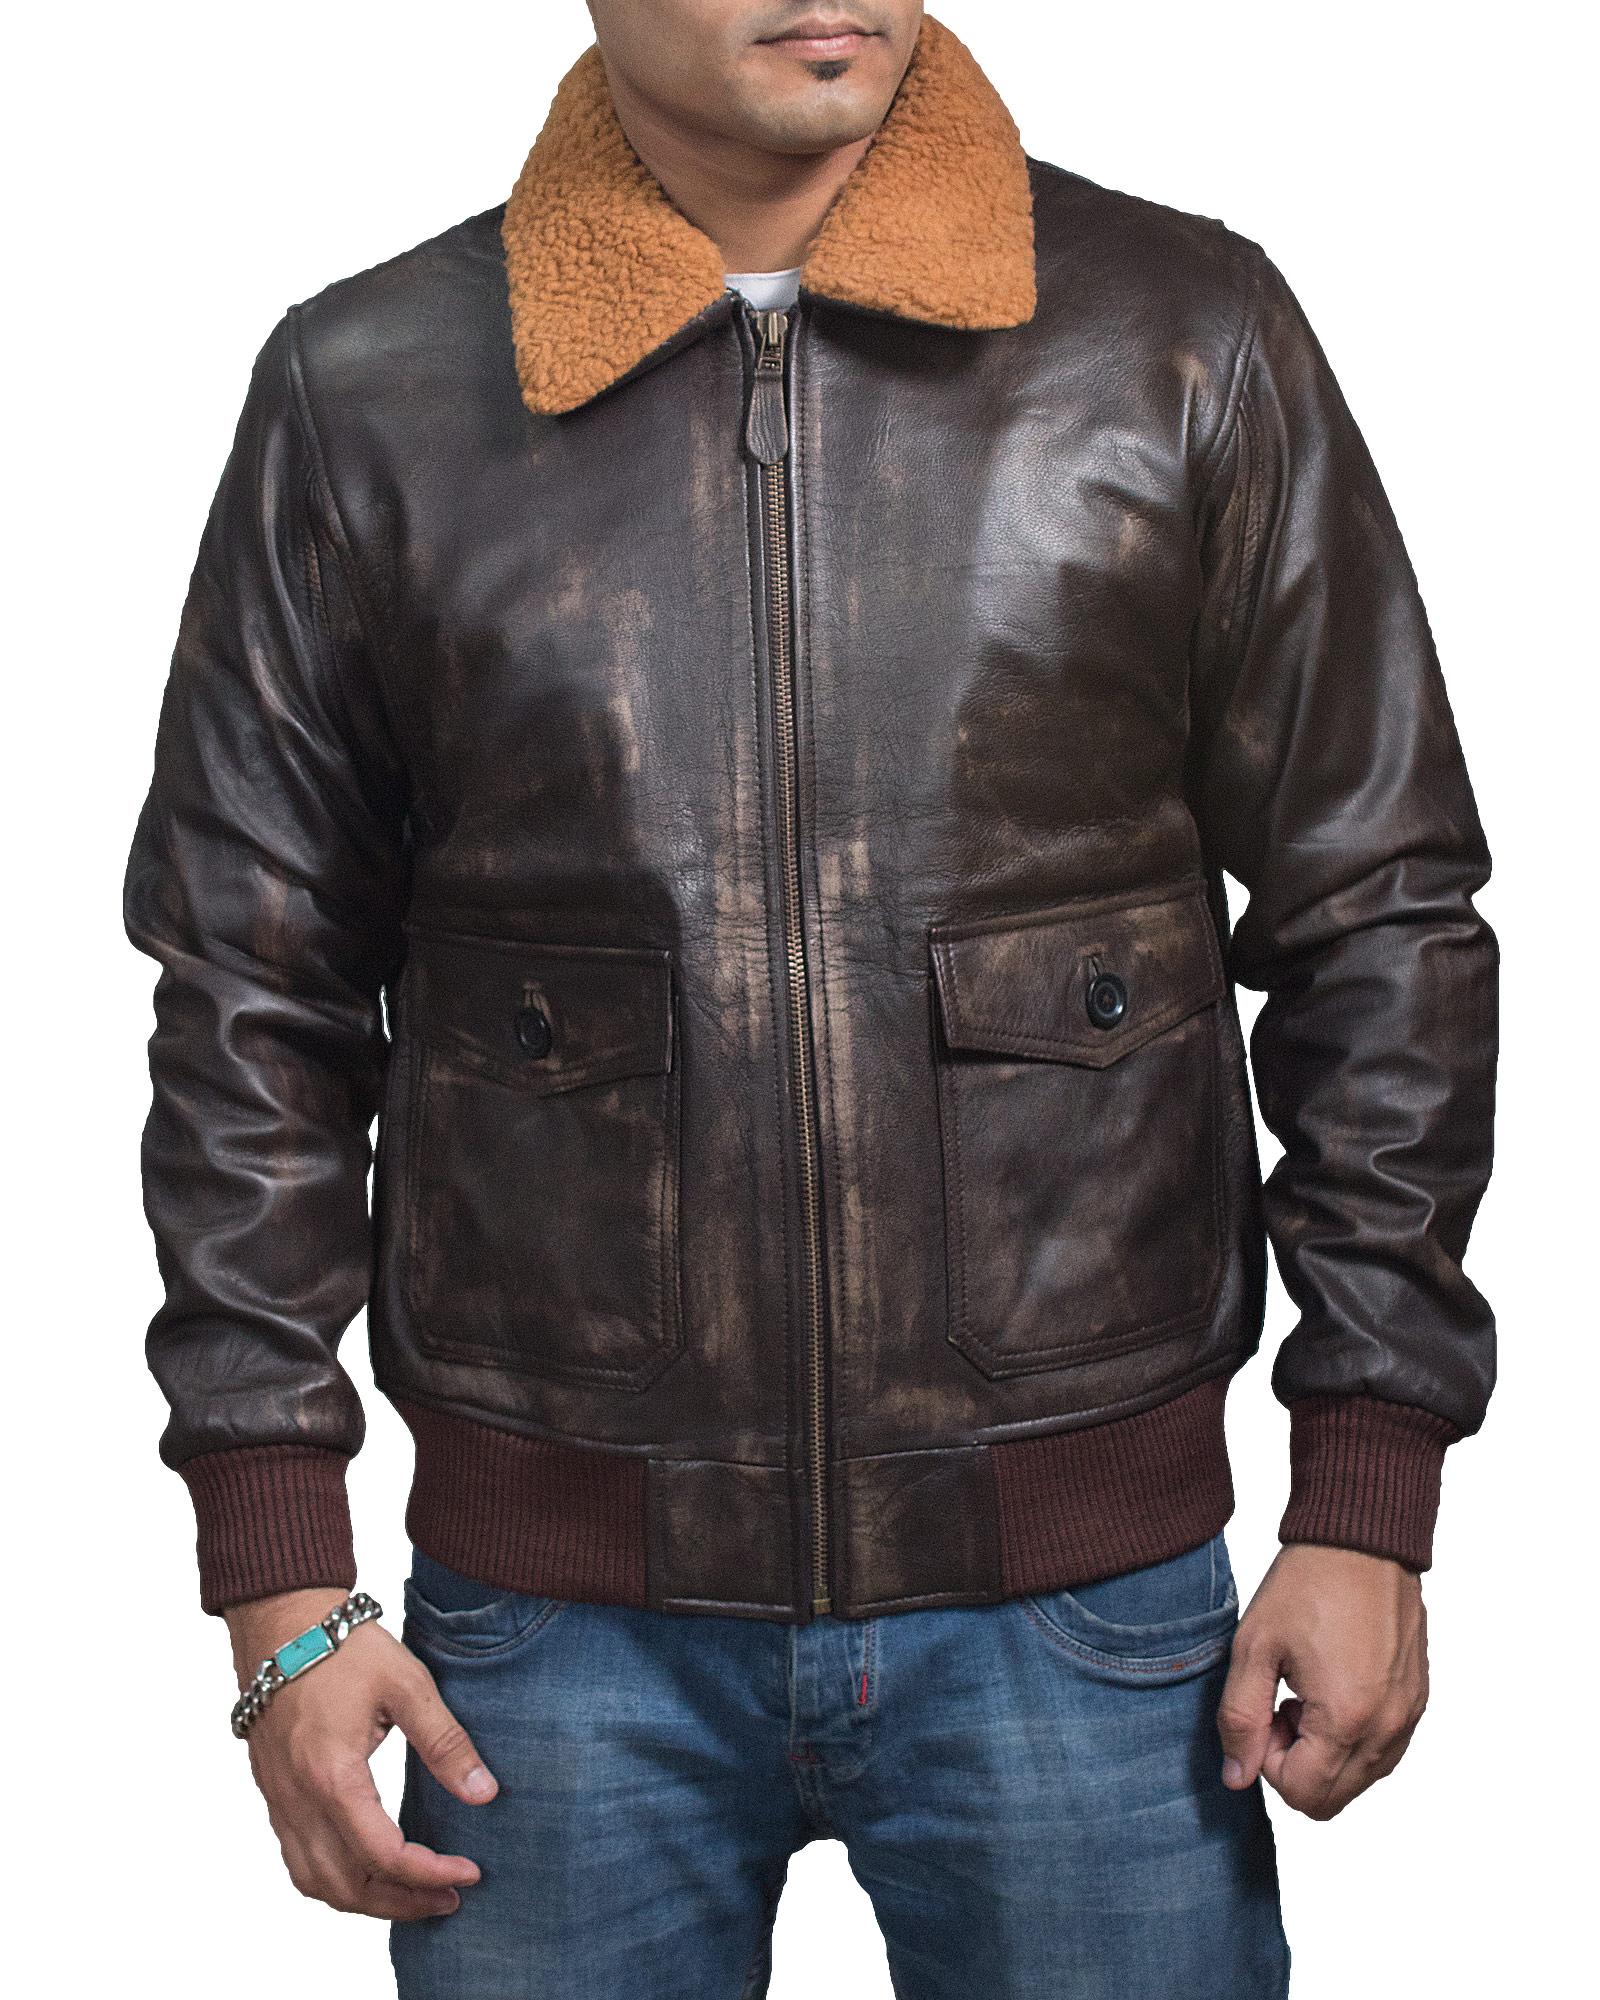 g1-jacket-d